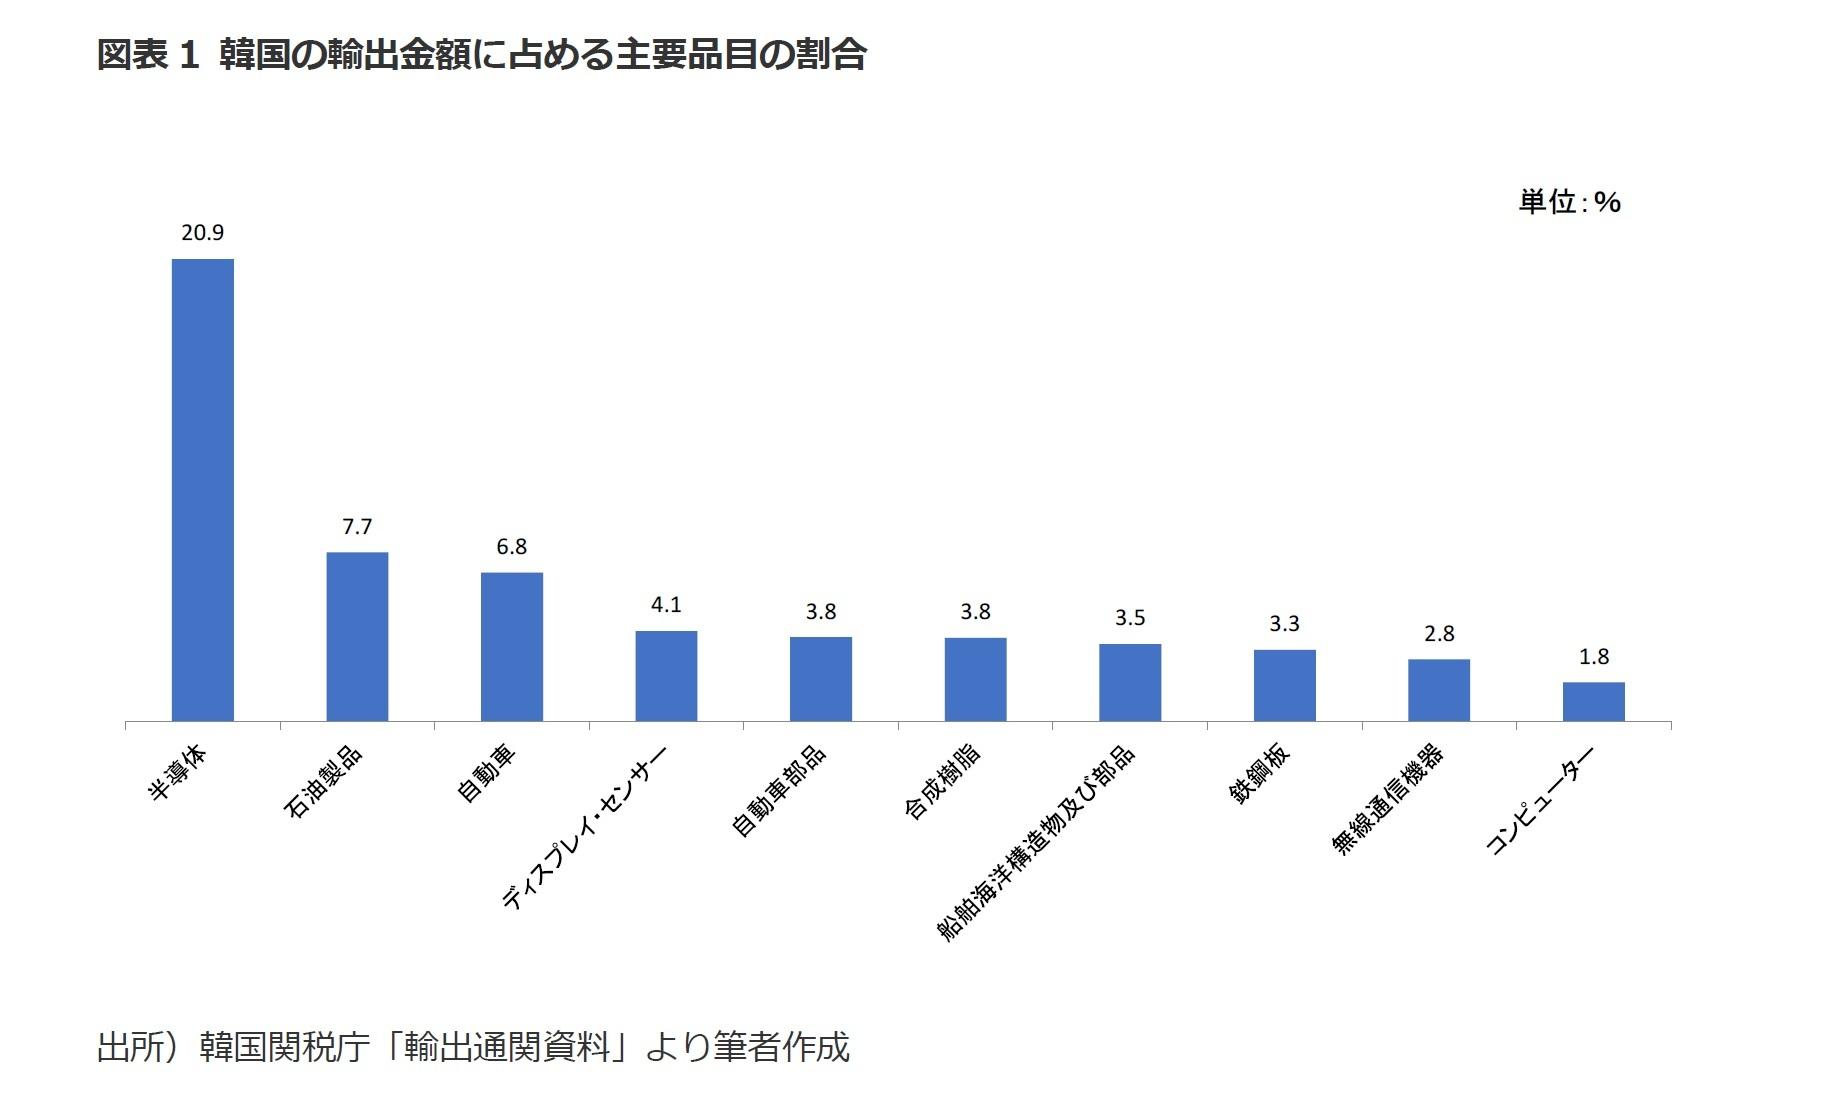 図表1 韓国の輸出金額に占める主要品目の割合